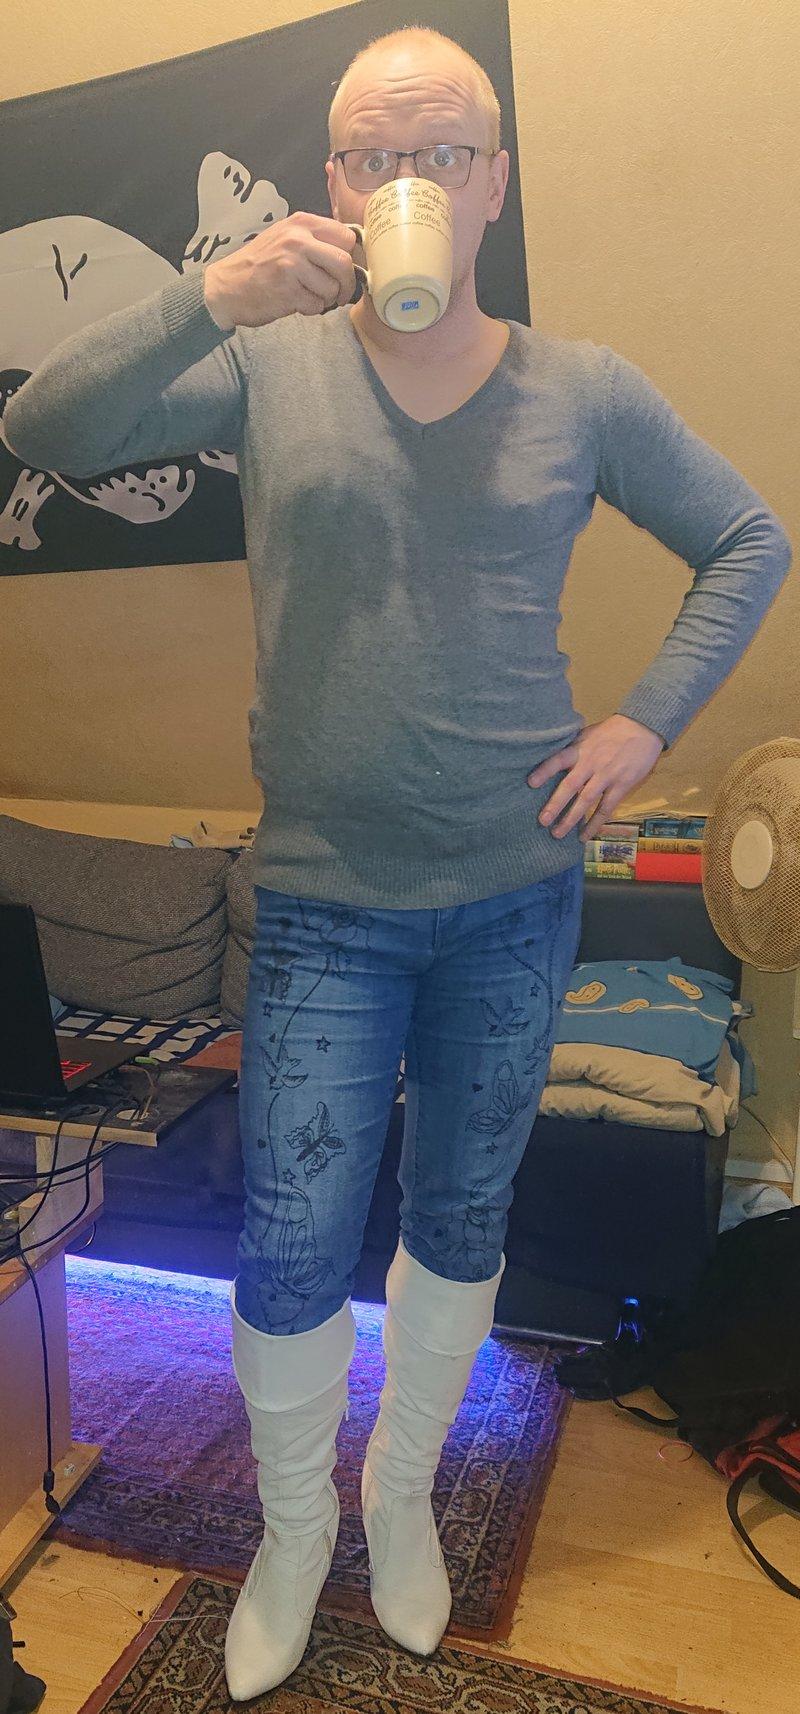 bd5c854306a0d4 High heels tragen als mann. Fetisch  Mein Mann steht drauf